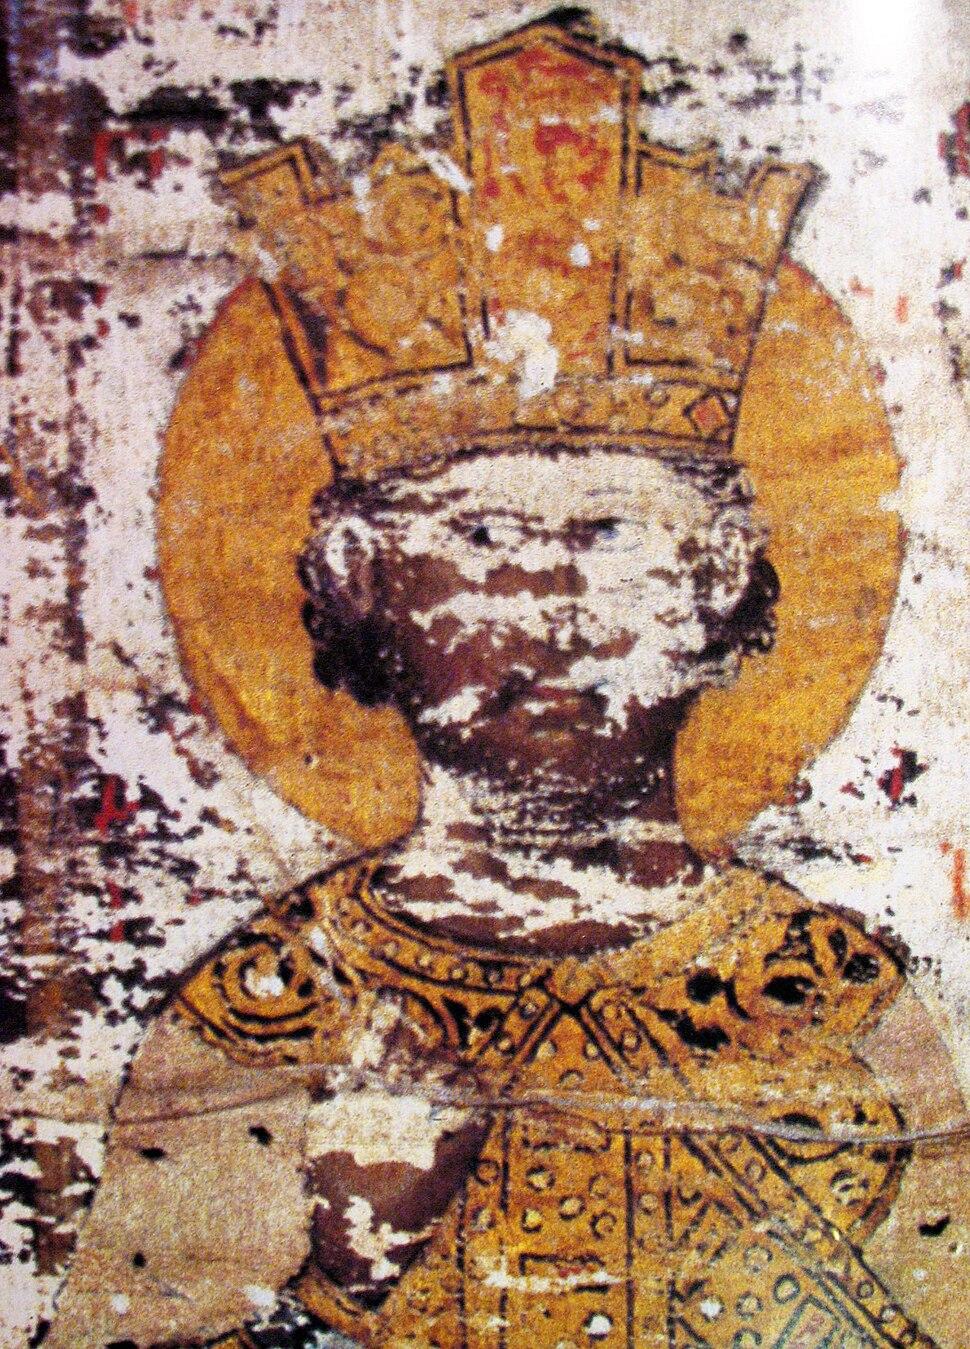 Đurađ Branković, Esphigmenou charter (1429)